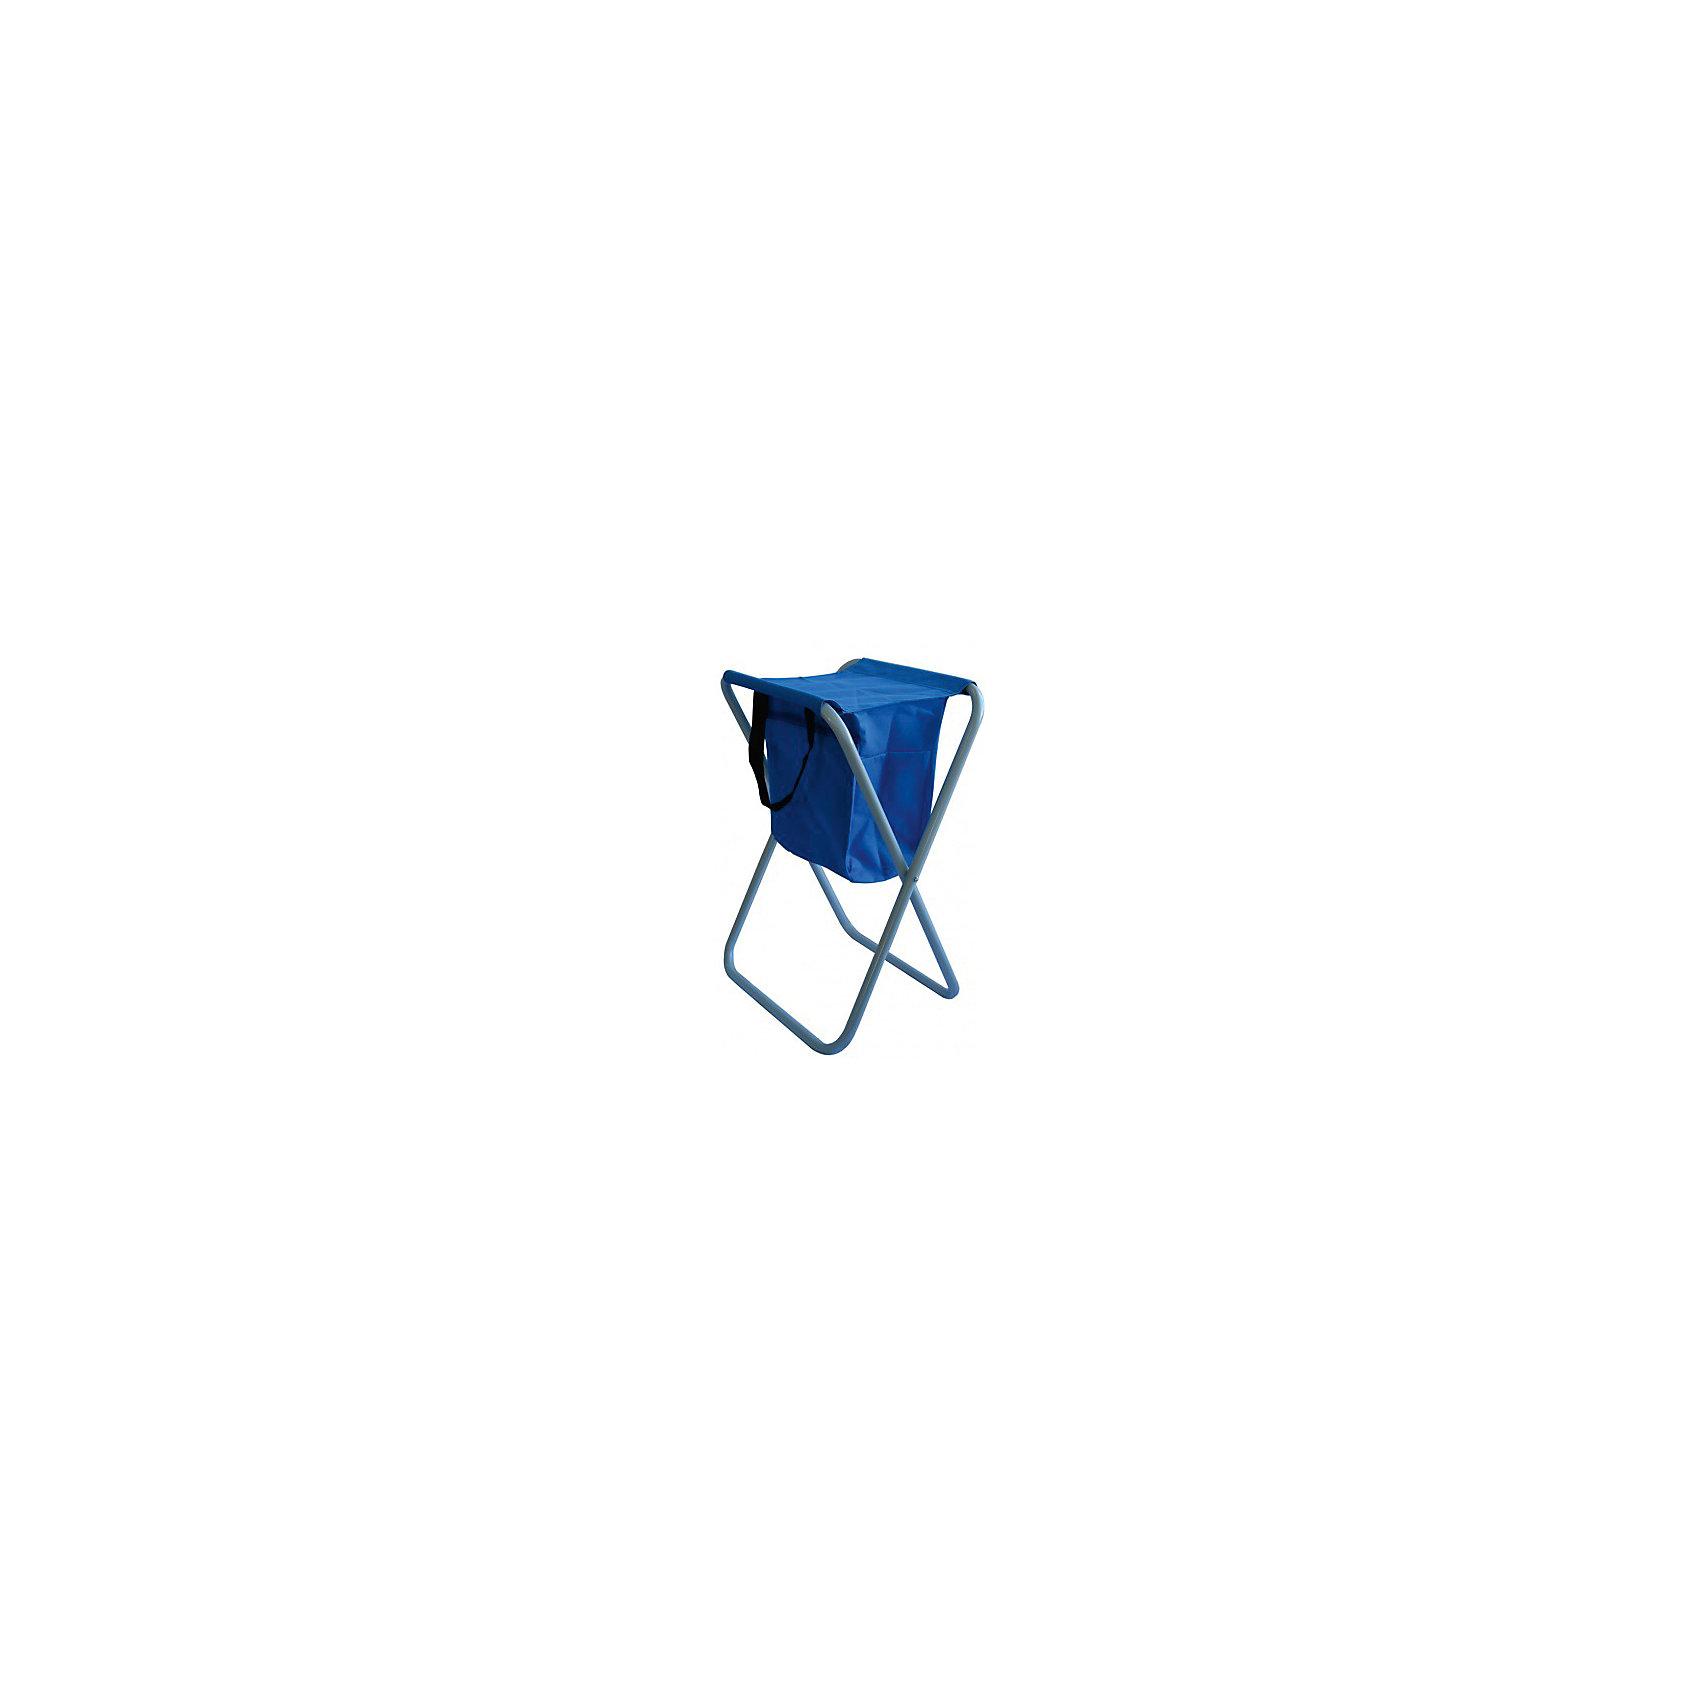 Табурет туристический раскладной с сумкойТуризм<br>Характеристики товара:<br><br>• табурет  туристический раскладной с сумкой,  <br>• сидушка ткань ПВХ 600*300D,  <br>• труба сталь диаметр 16мм, толщина стенки 1мм, порошковая окраска. <br>• размер:45*31<br>• страна производитель: Россия<br><br>Практичная модель для летнего сезона в туризме и активного отдыха на природе.<br><br>Разъемные двухзамковые молнии позволяют объединить два спальных мешка в один двойной.<br><br>Синтетический утеплитель нового поколения термофайбер обладает повышенными теплоизолирующими свойствами. <br><br>Он легкий, мягкий, особо теплый, хорошо пропускает воздух, не впитывает влагу.<br><br>Можно расстегнуть молнию и использовать спальник как обыкновенное одеяло. <br><br>Комплектуется компактным чехлом.<br><br>Табурет туристический раскладной с сумкой можно купить в нашем интернет-магазине.<br><br>Ширина мм: 450<br>Глубина мм: 20<br>Высота мм: 310<br>Вес г: 900<br>Возраст от месяцев: 36<br>Возраст до месяцев: 2147483647<br>Пол: Унисекс<br>Возраст: Детский<br>SKU: 5574471